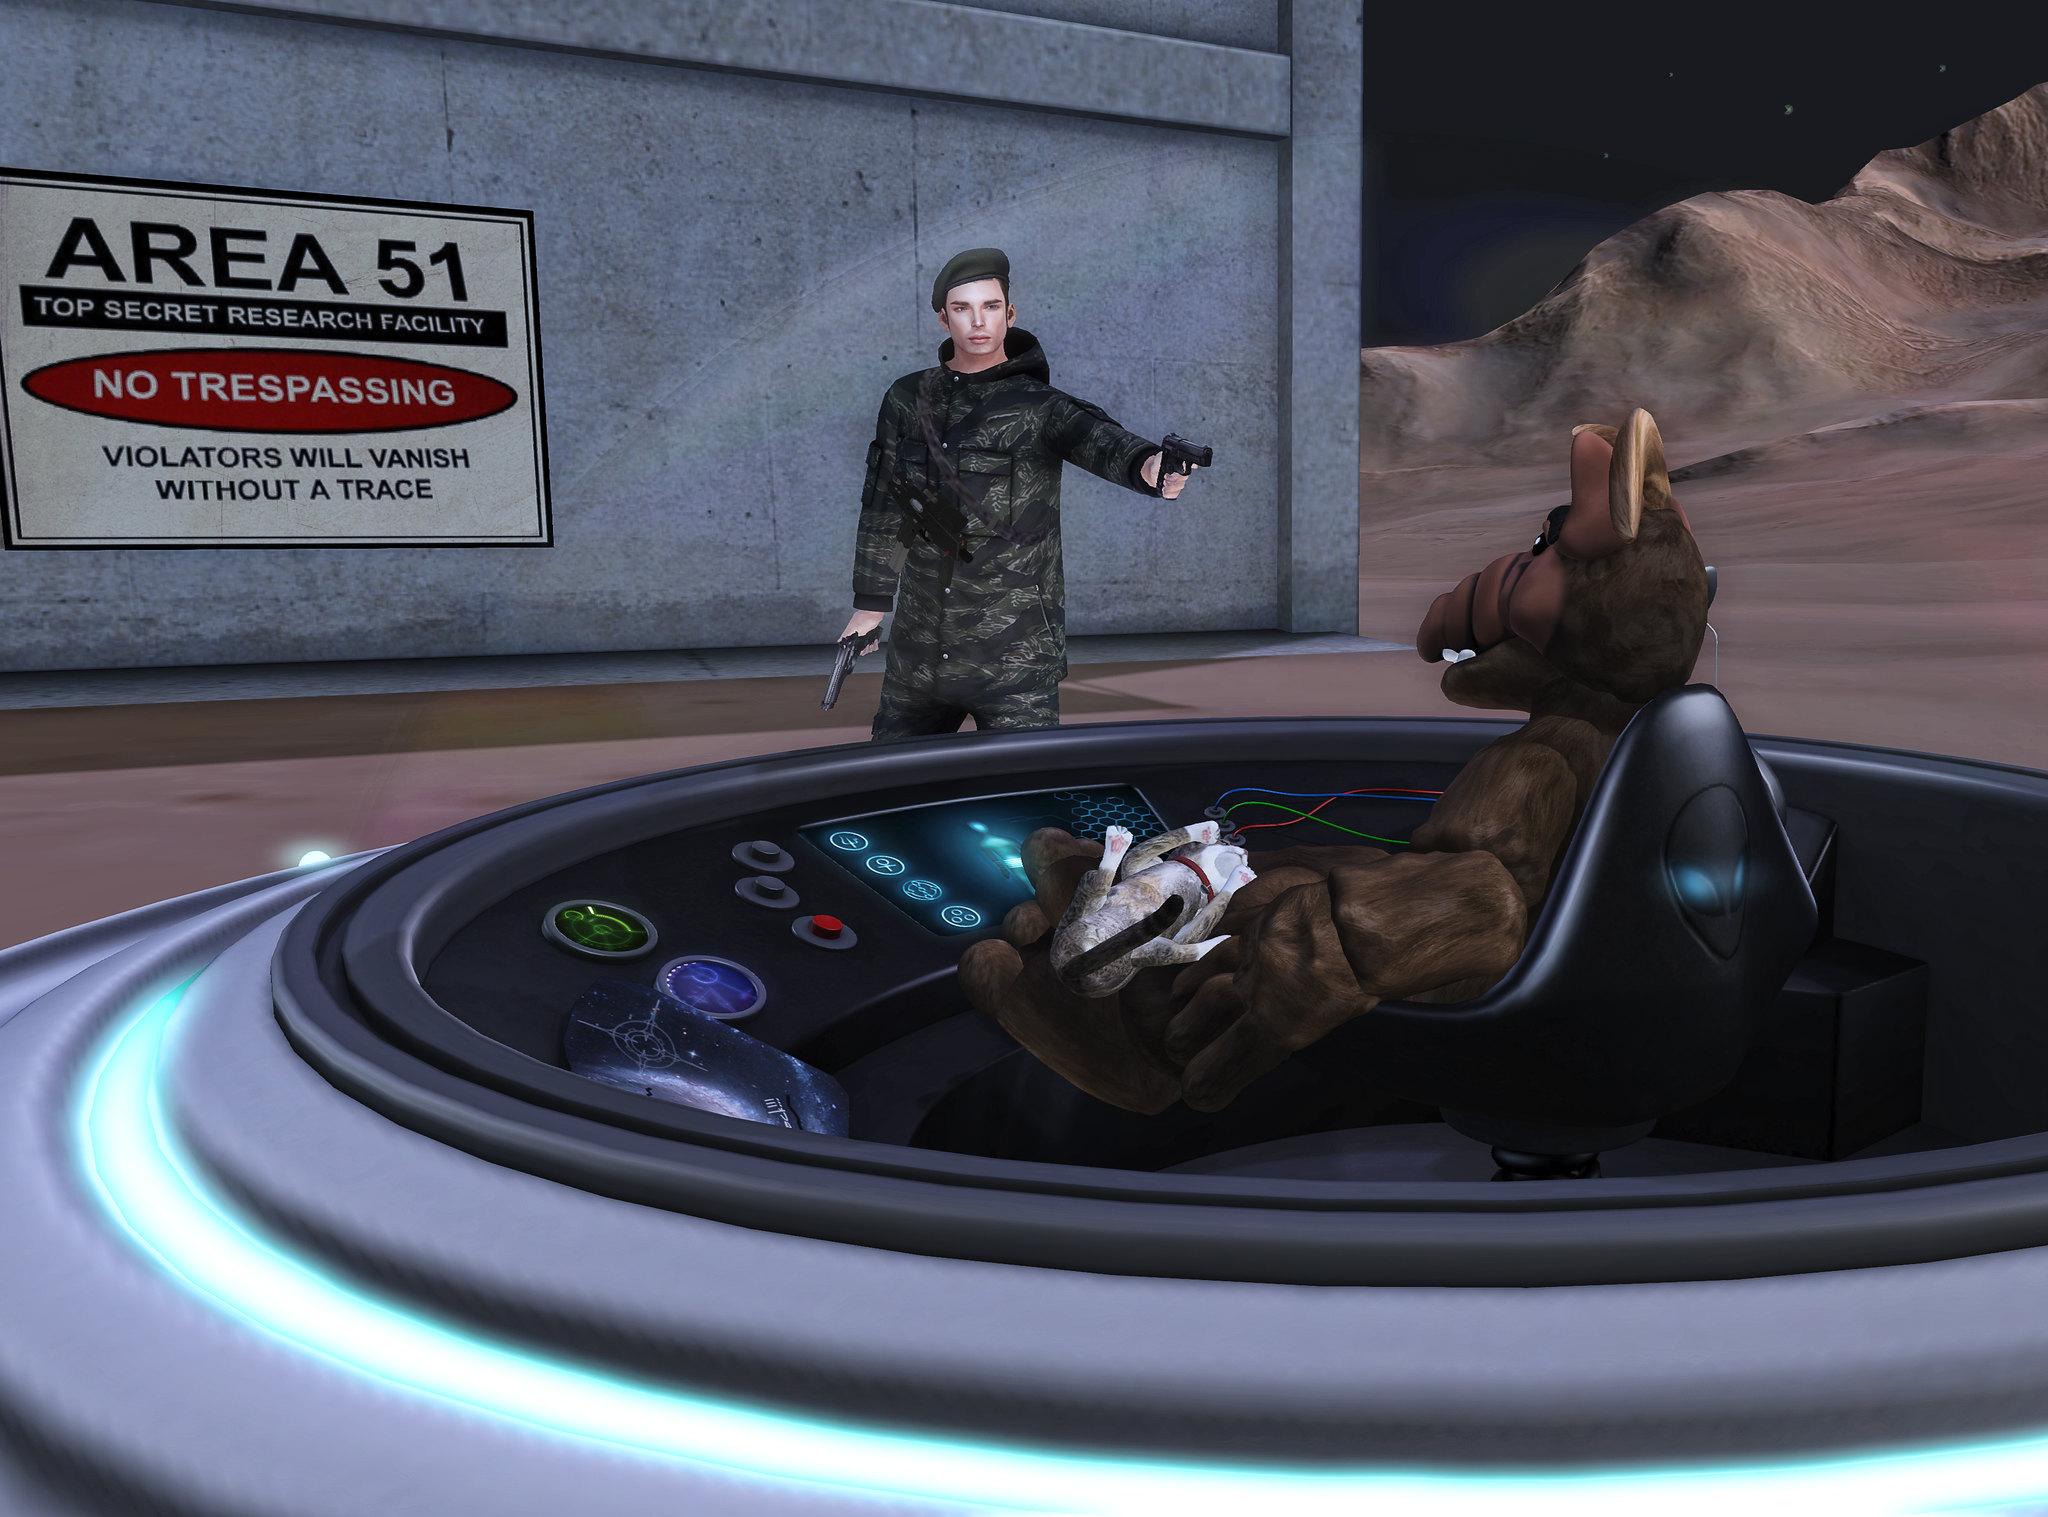 חייל מאיים על אלף באיזור 51 📸 Nerdfinds (Sam & Izzie) cc-by-sa